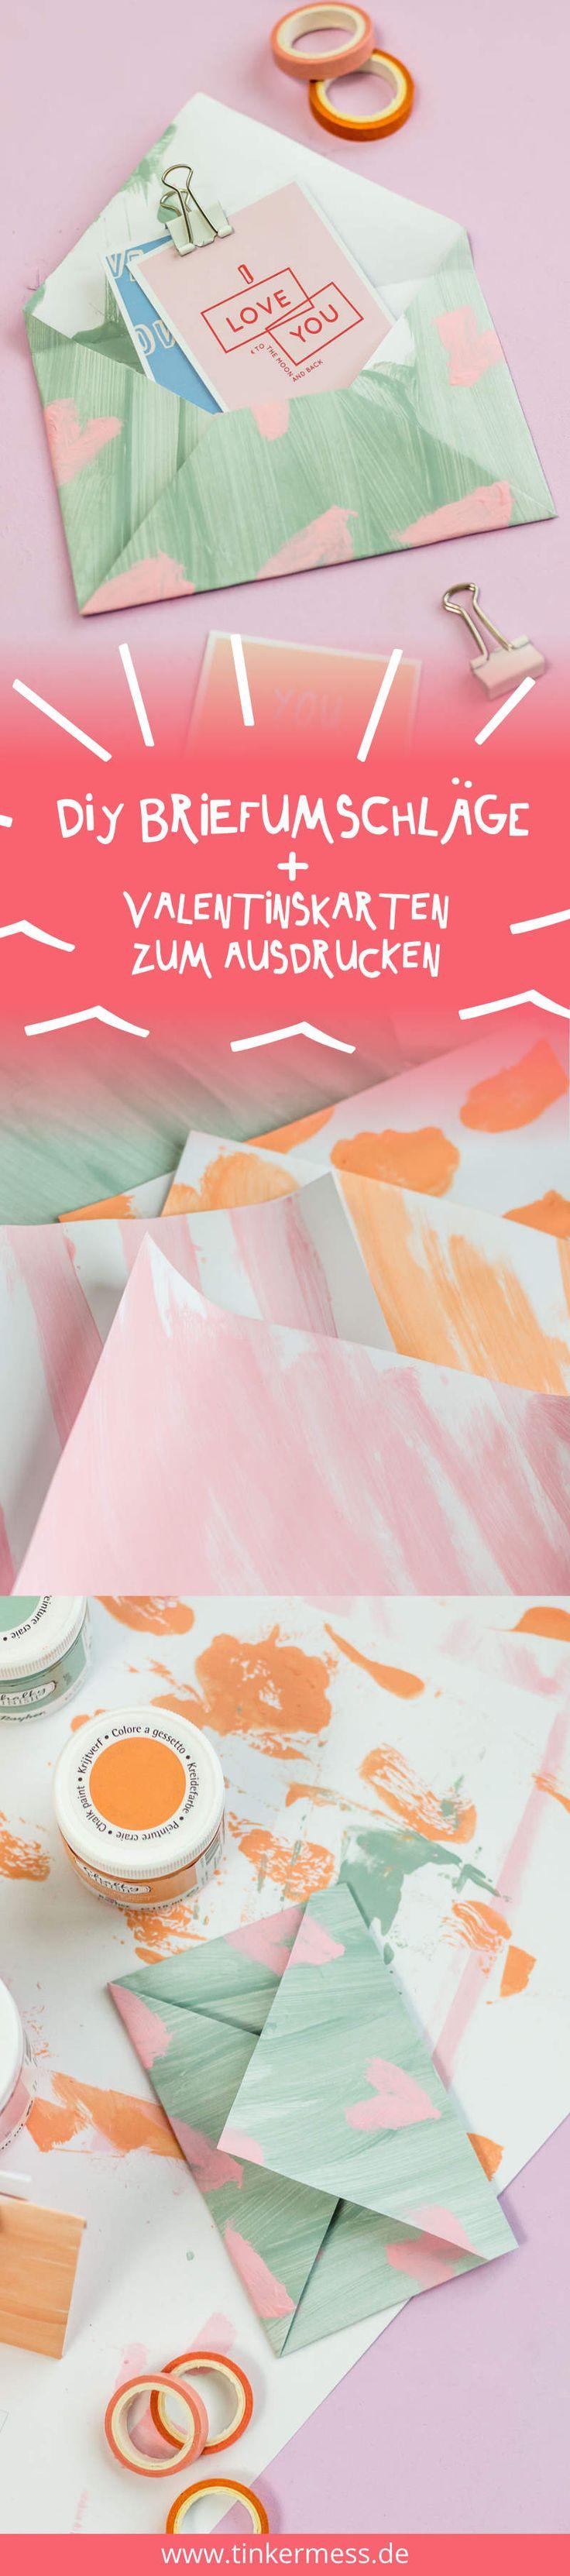 Ich zeige euch, wie ihr einen Valentinstag Briefumschlag ganz einfach falten und bemalen könnt. Außerdem gibt es heute Printables für eine Valentinstag Karte. Diese könnt ihr als Grußkarte oder Valentinskarte ausdrucken oder sogar als Wallpaper verwenden.